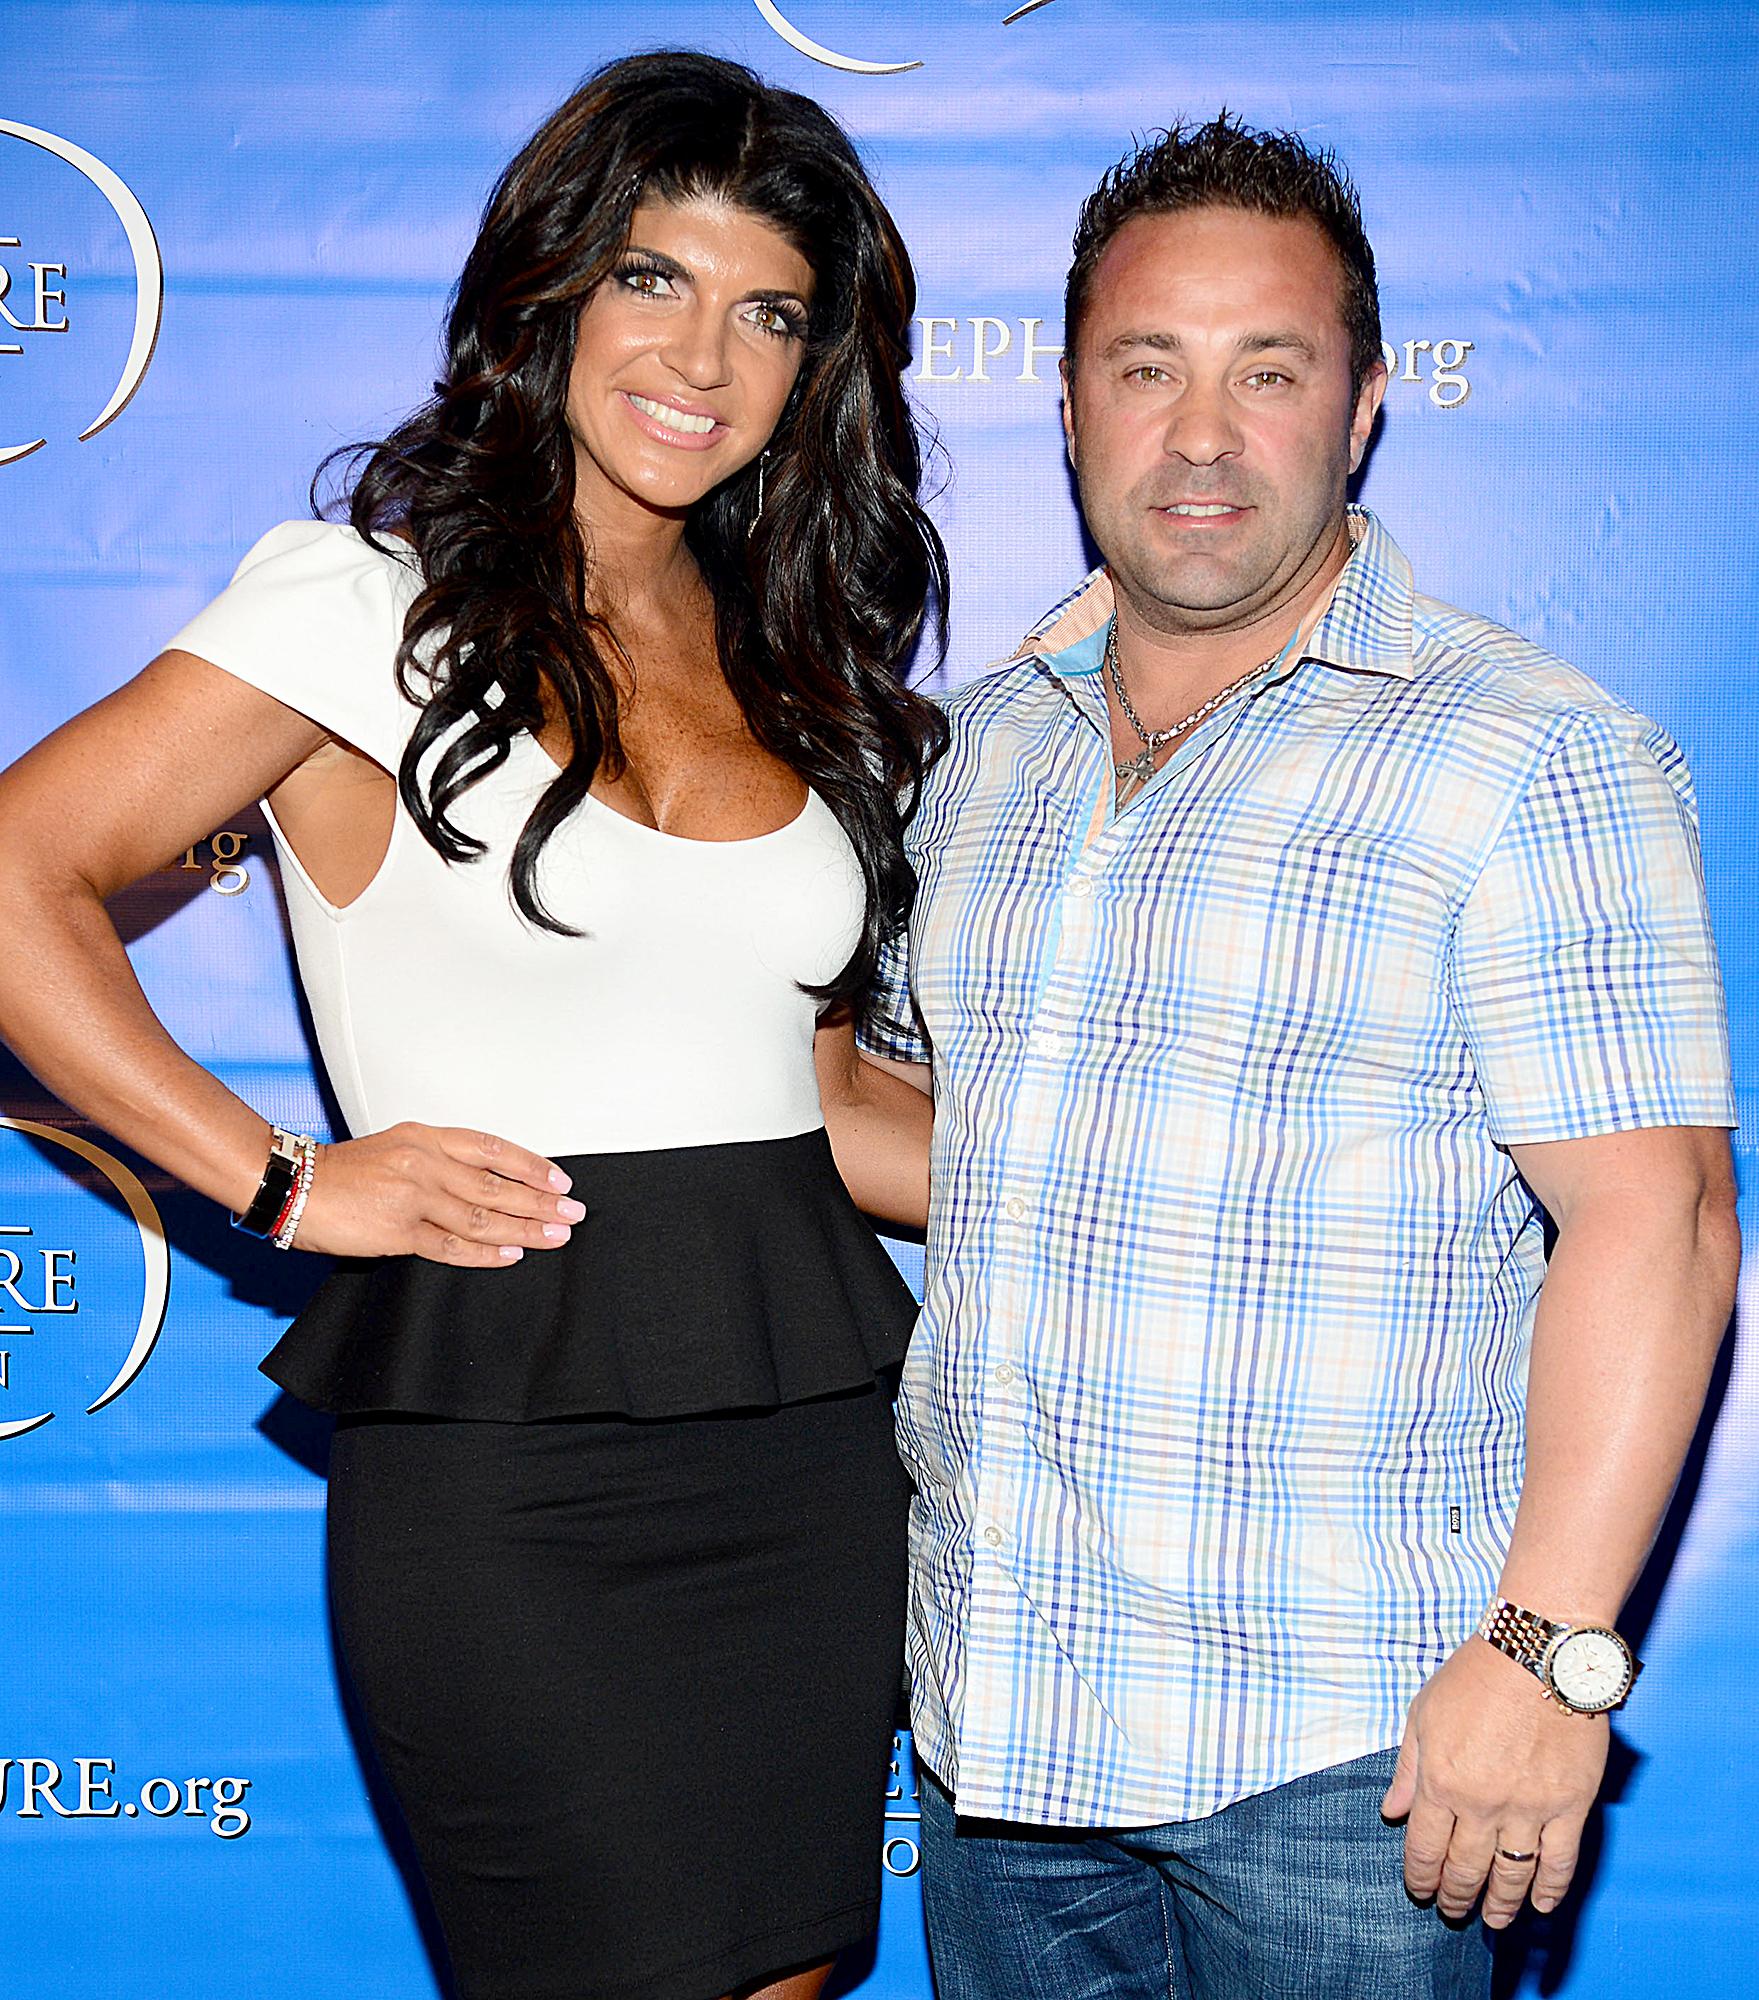 Teresa Giudice with husband Giuseppe Joe Giudice